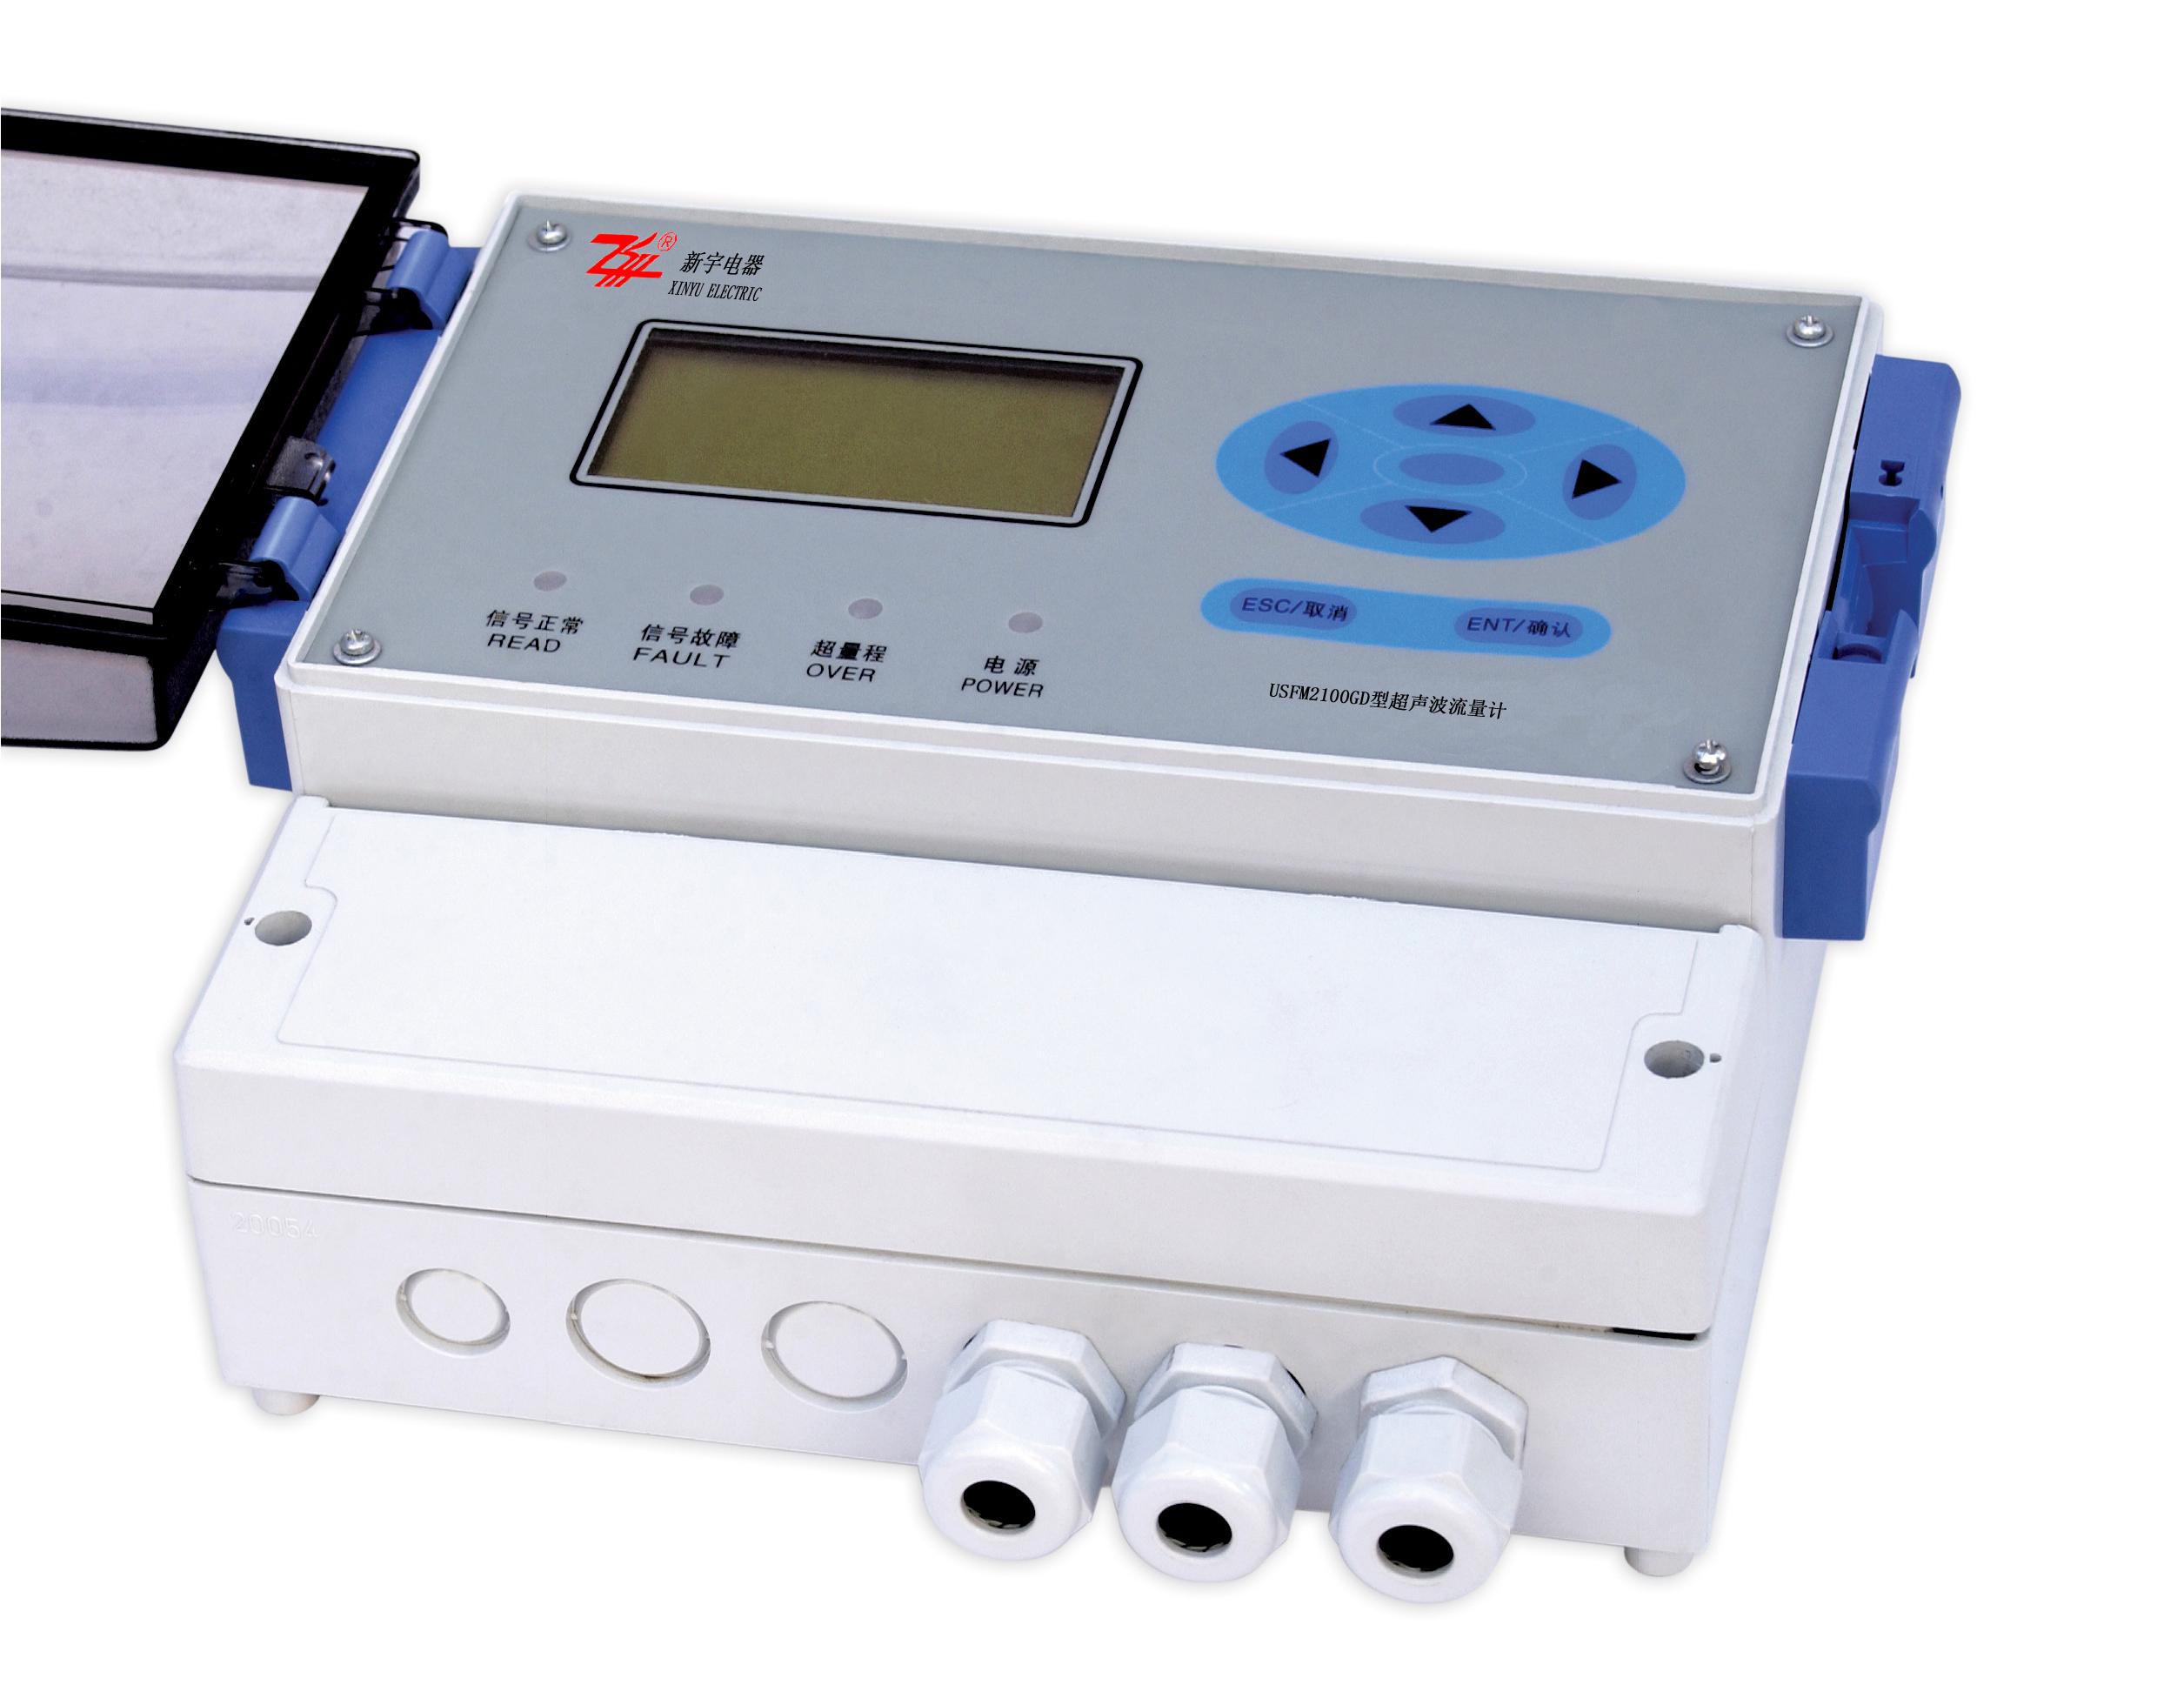 Type USFM2100GD doppler type ultrasonic flowmeter